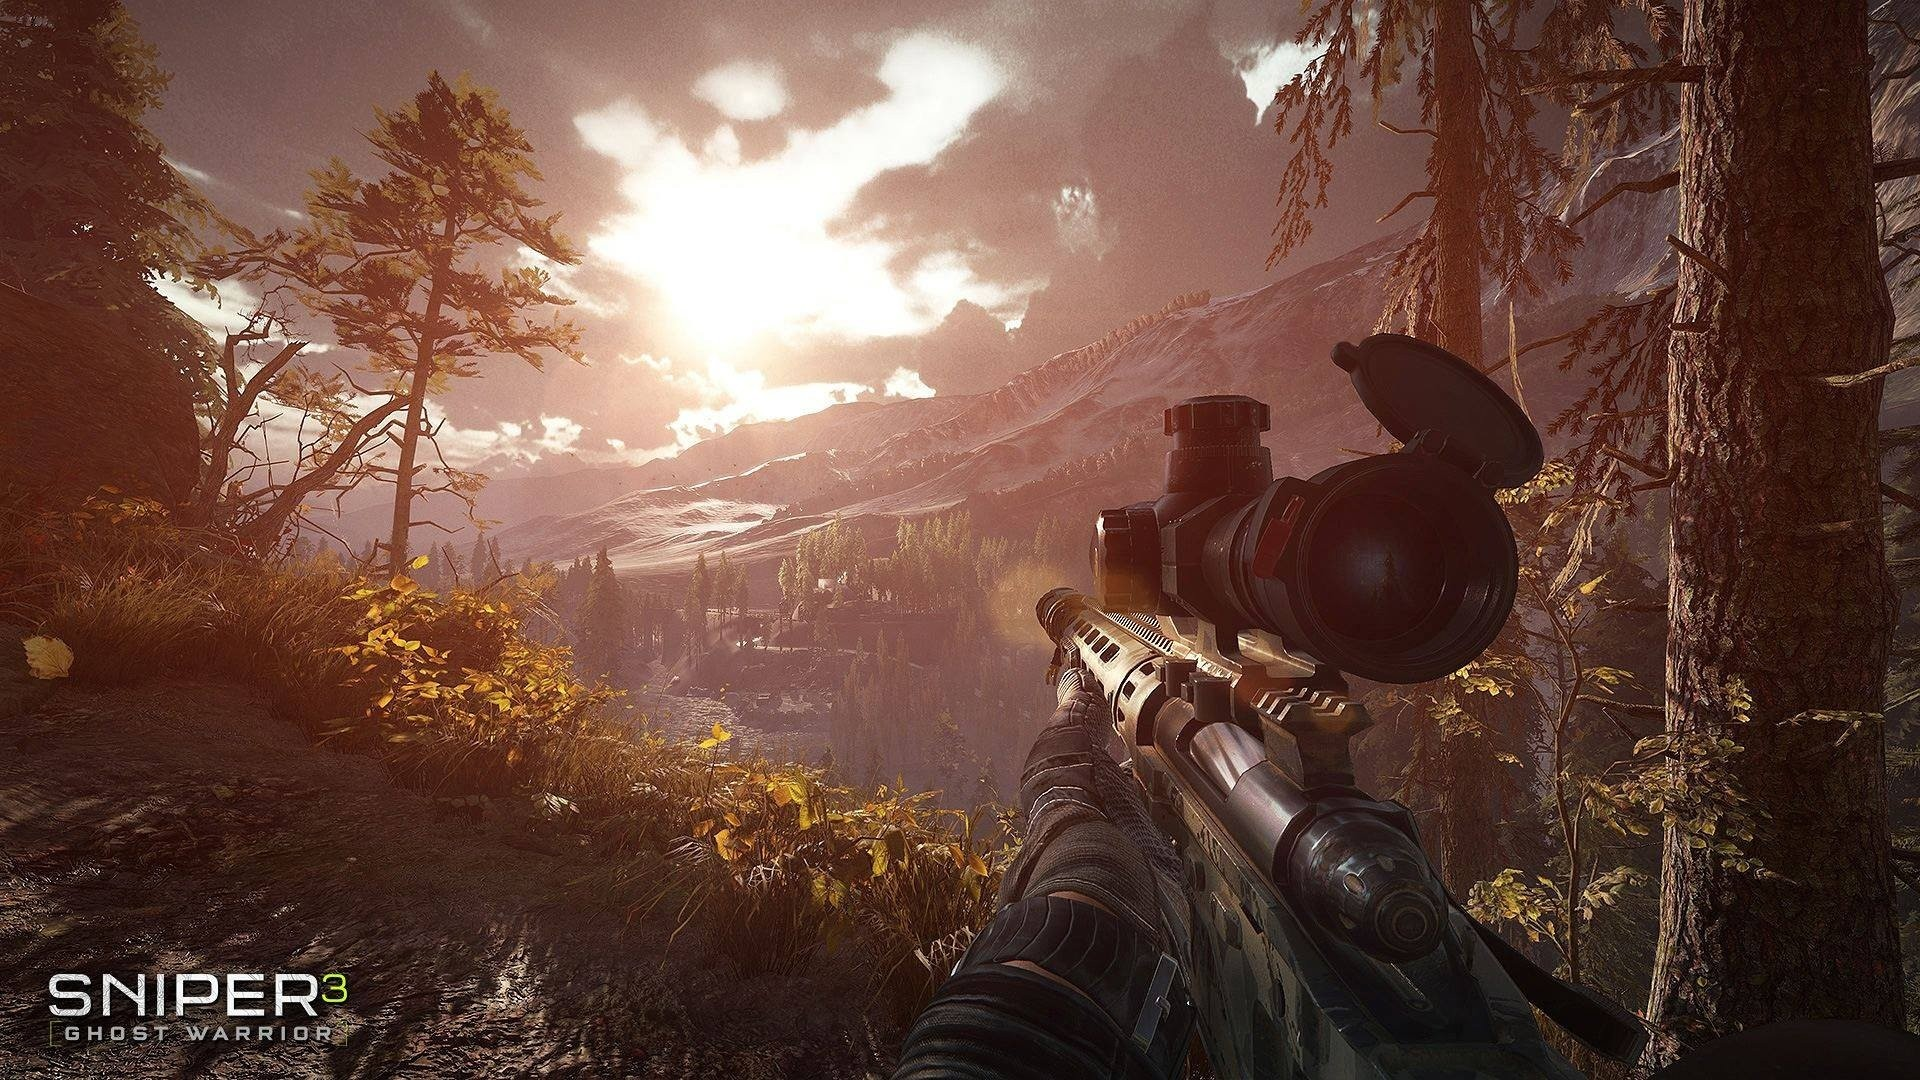 Sniper Ghost Warrior 3 Soundtrack